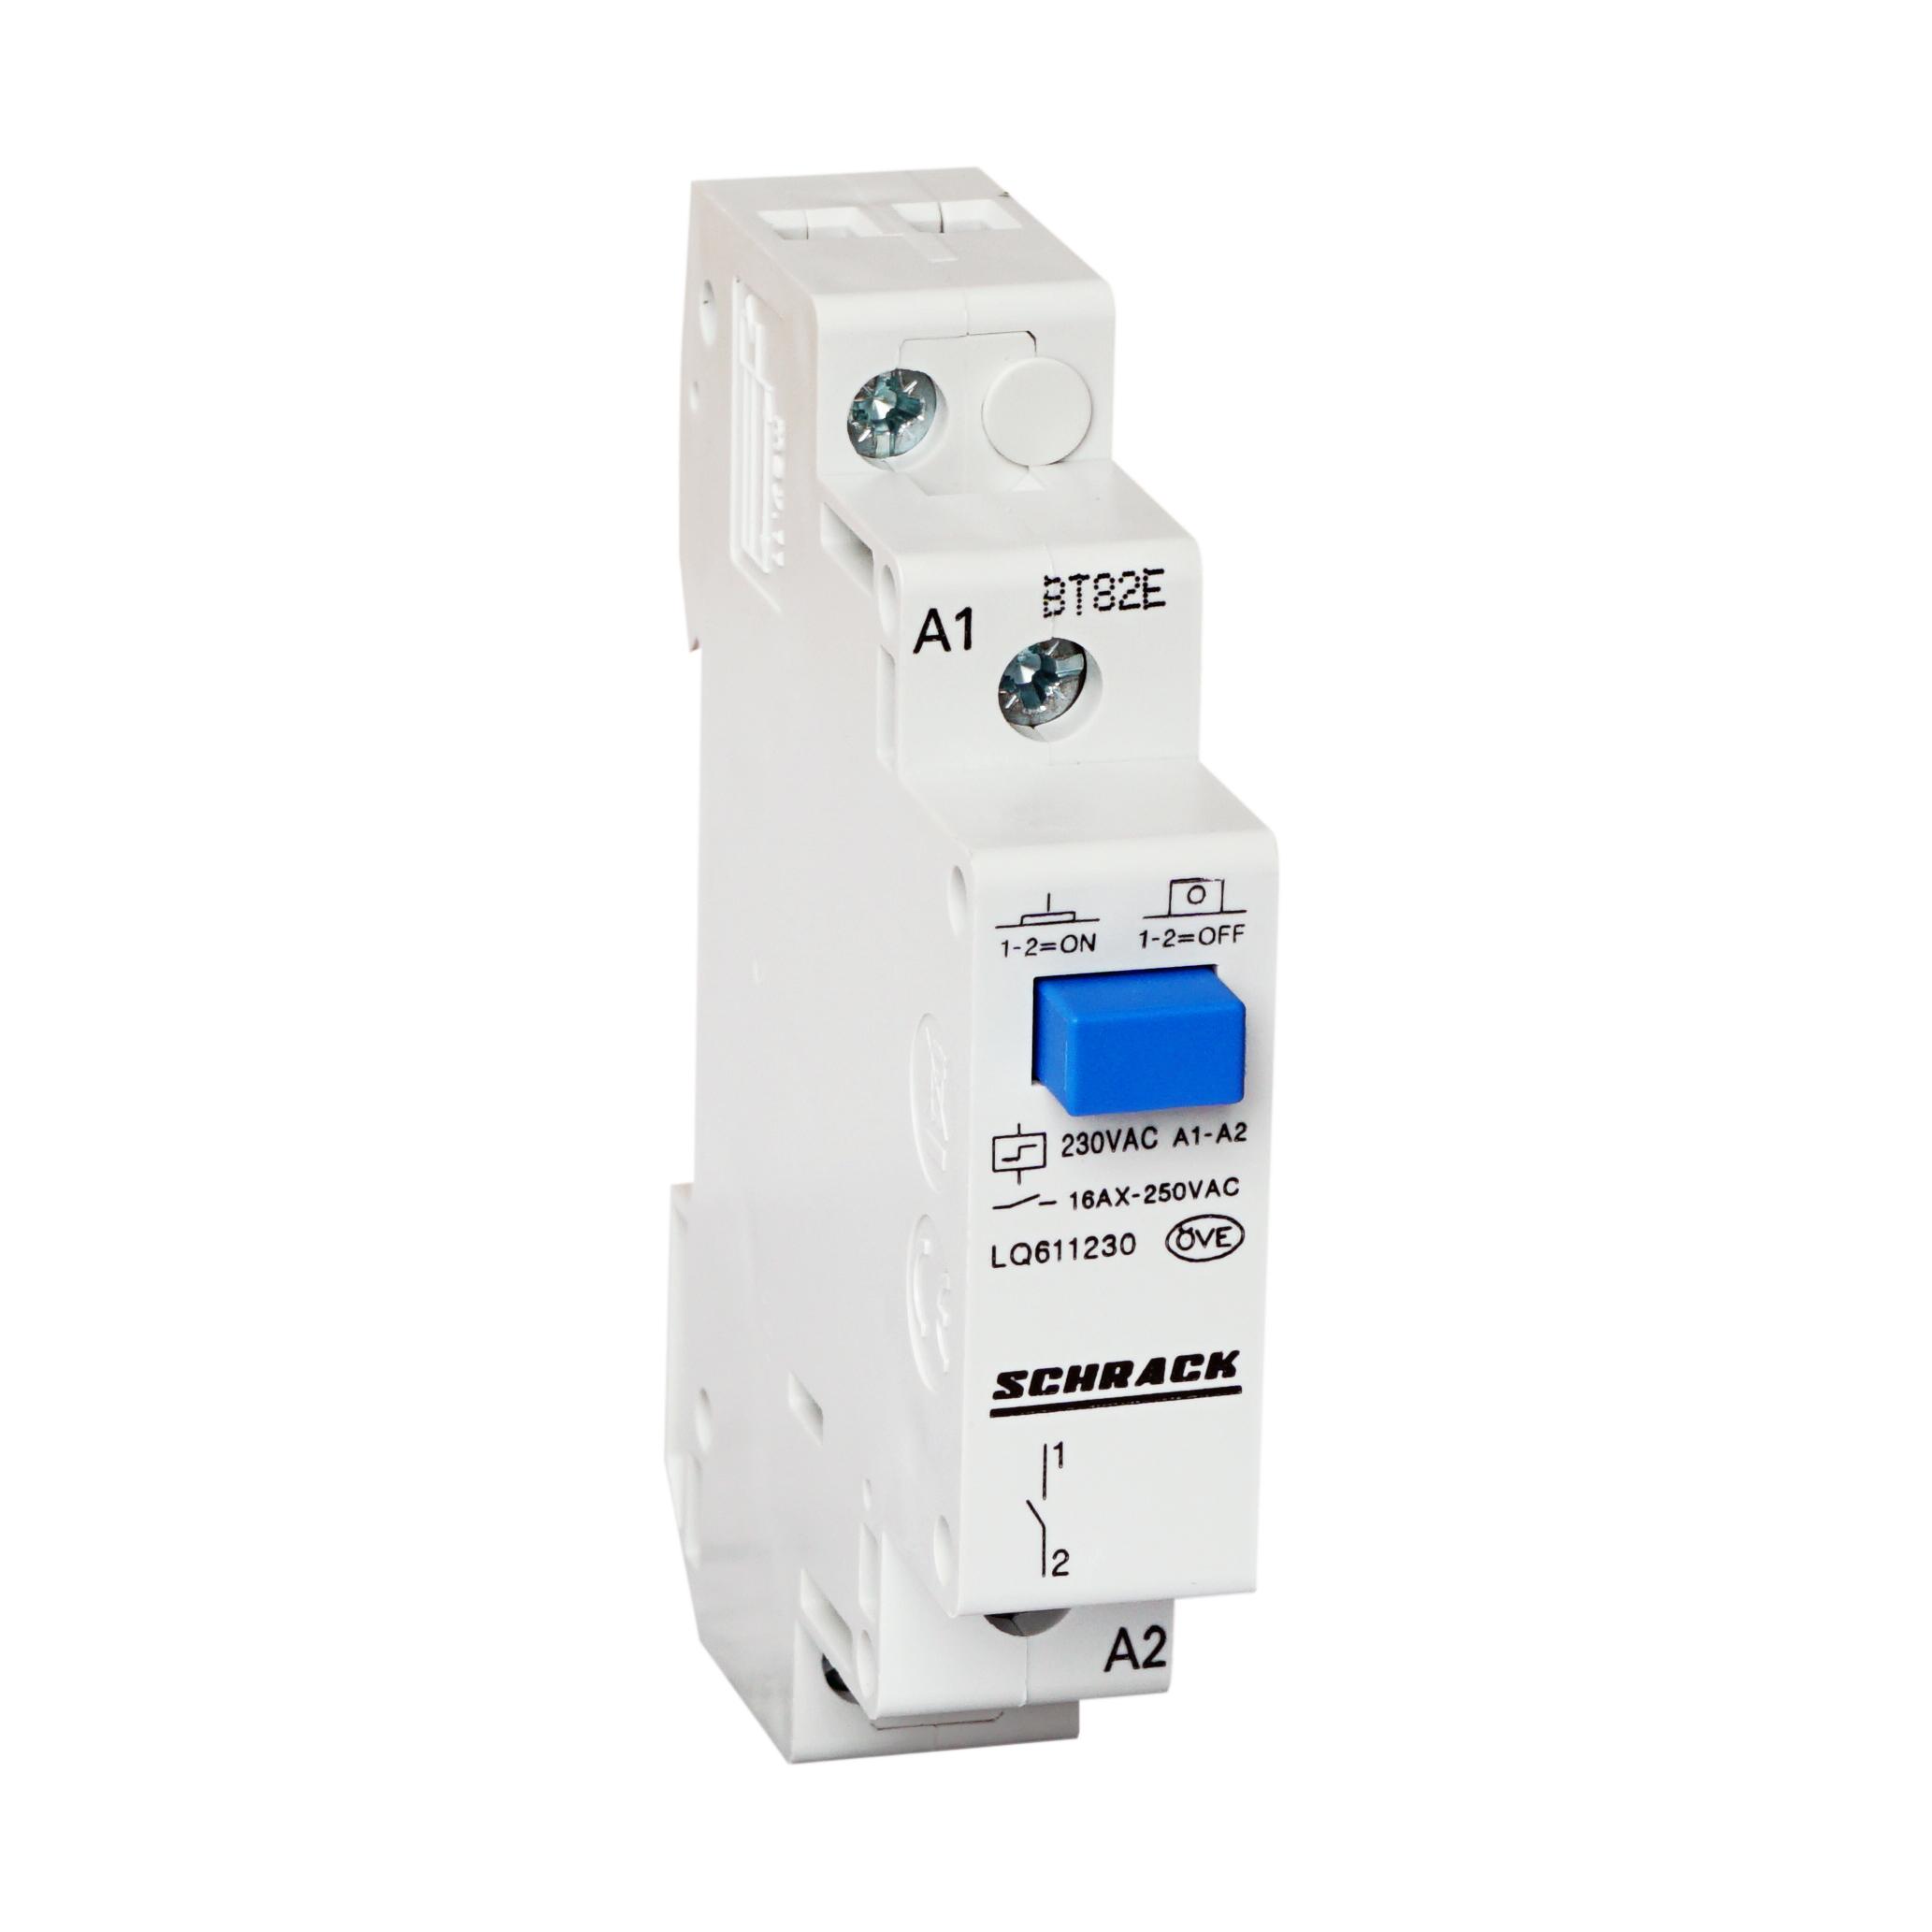 1 Stk Reiheneinbau Fernschalter, 1 Schließer, 230VAC LQ611230--